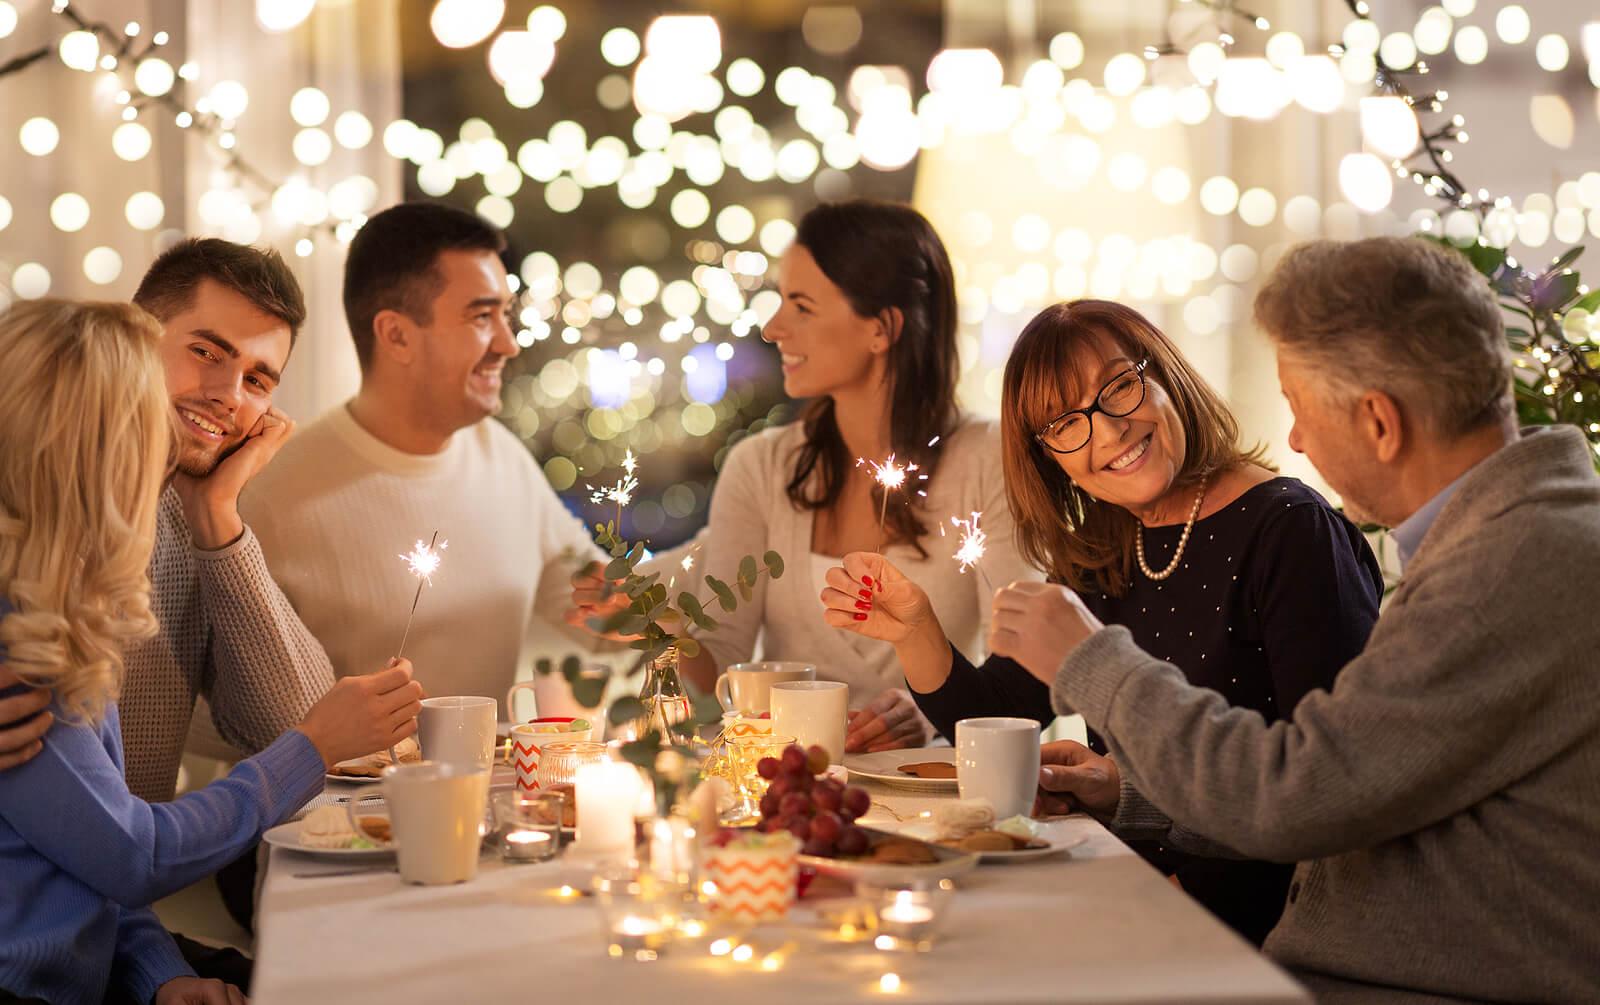 Comida de familia en Navidad.